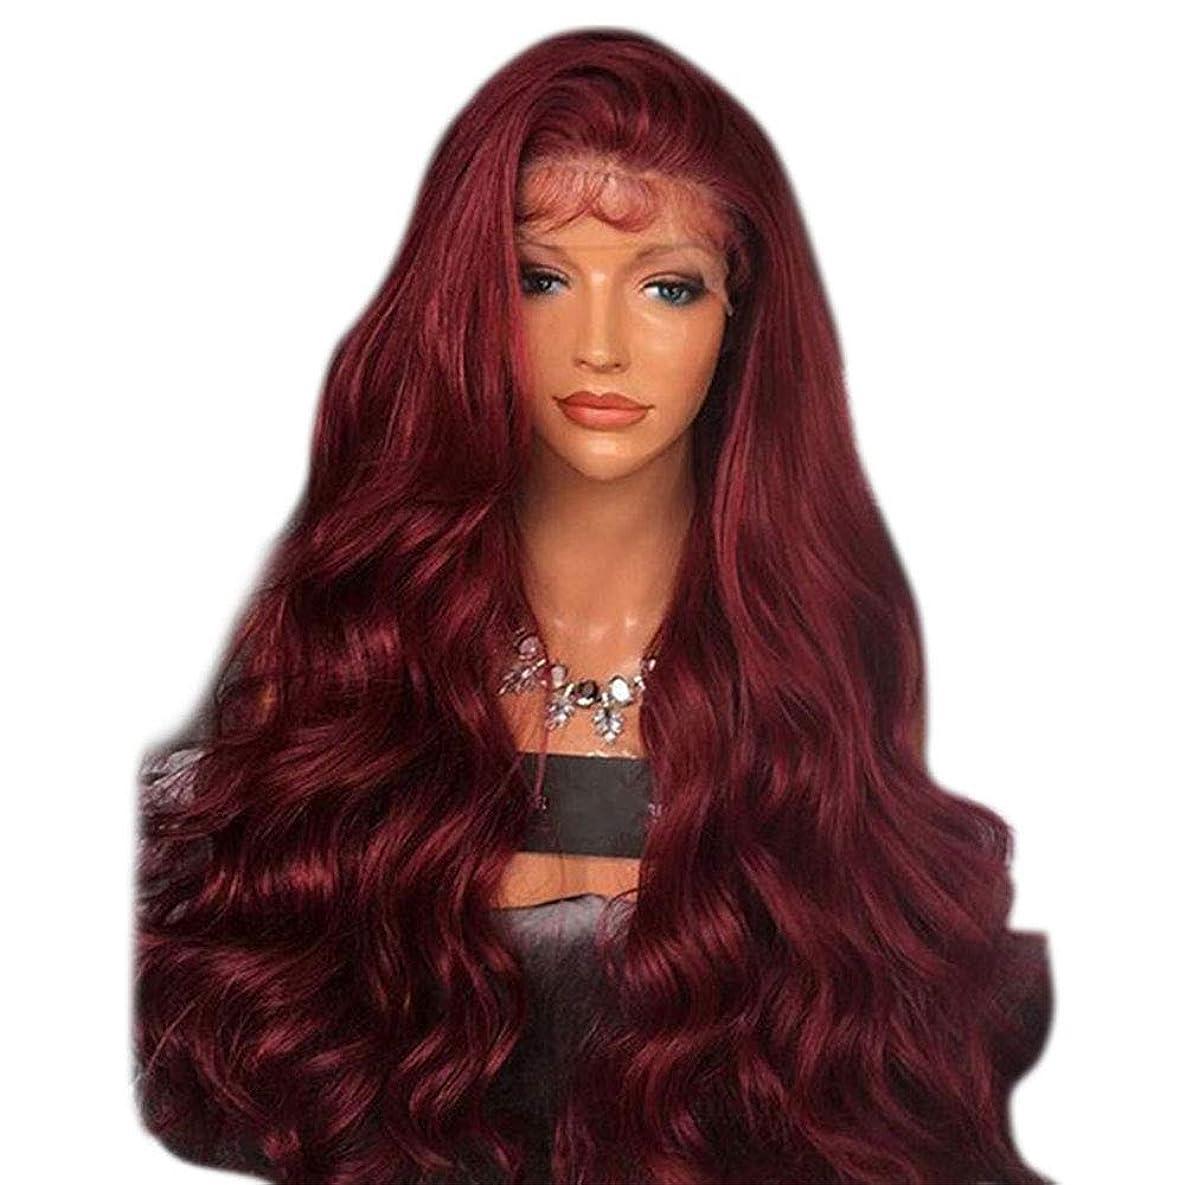 バンケット傑出したひばりYrattary ウィッグ女性のワインレッドのフロントレース26インチウィッグで長い巻き毛のかつらロールウィッグロールプレイングかつら (色 : ワインレッド, サイズ : 24 inches)